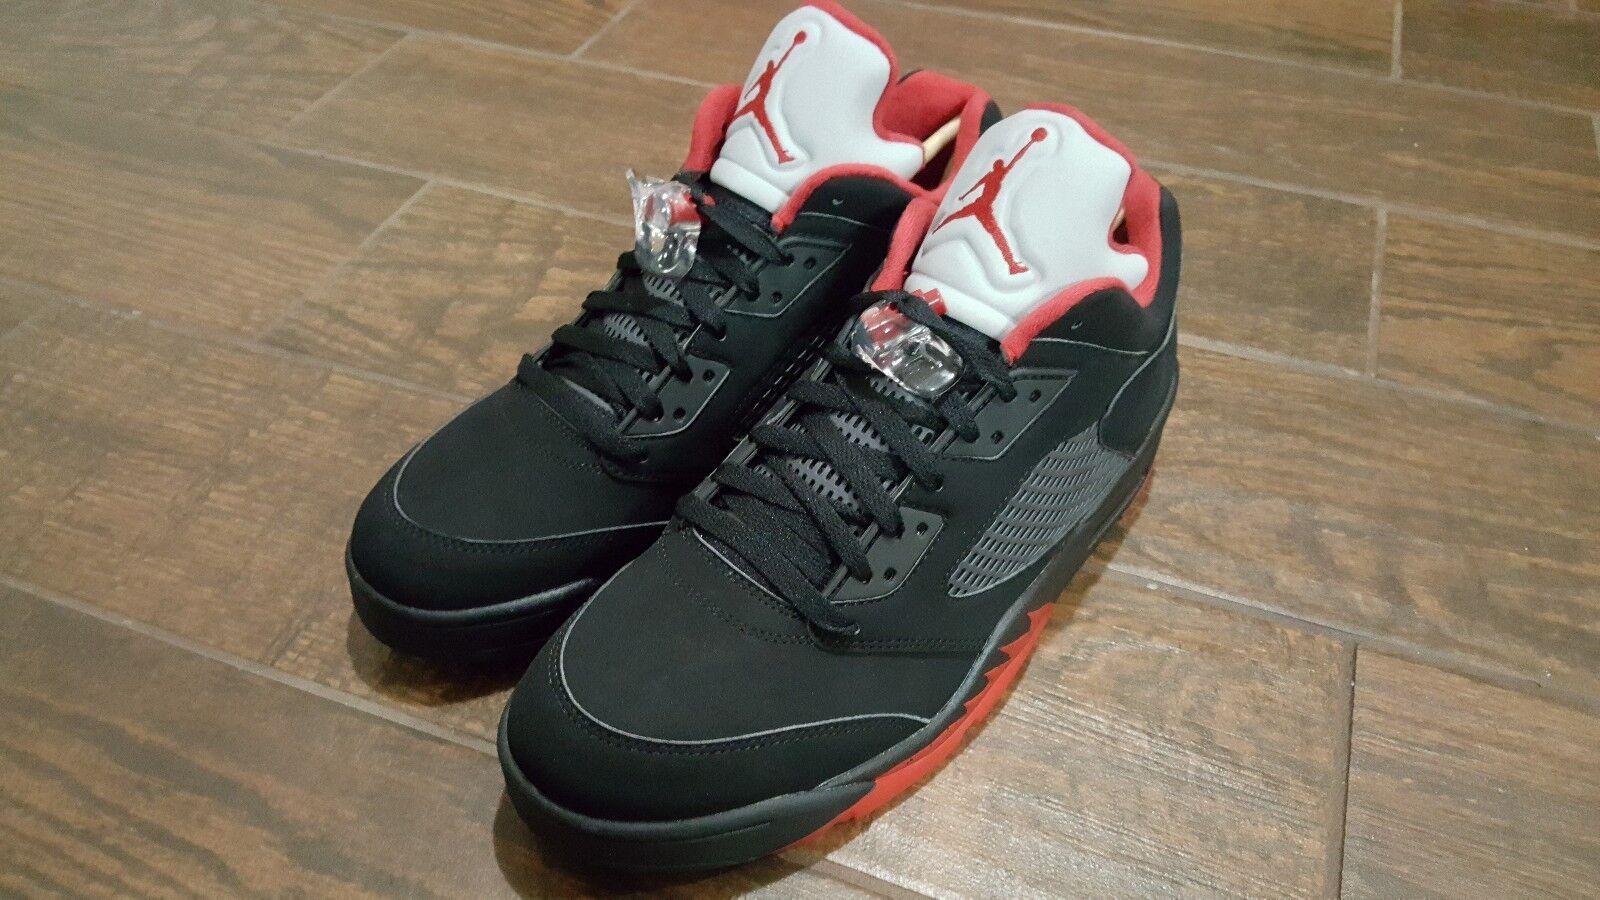 Brand New Air Jordans breds retro 5 5 5 tamaño 12 baratos zapatos de mujer zapatos de mujer 4d2e3d